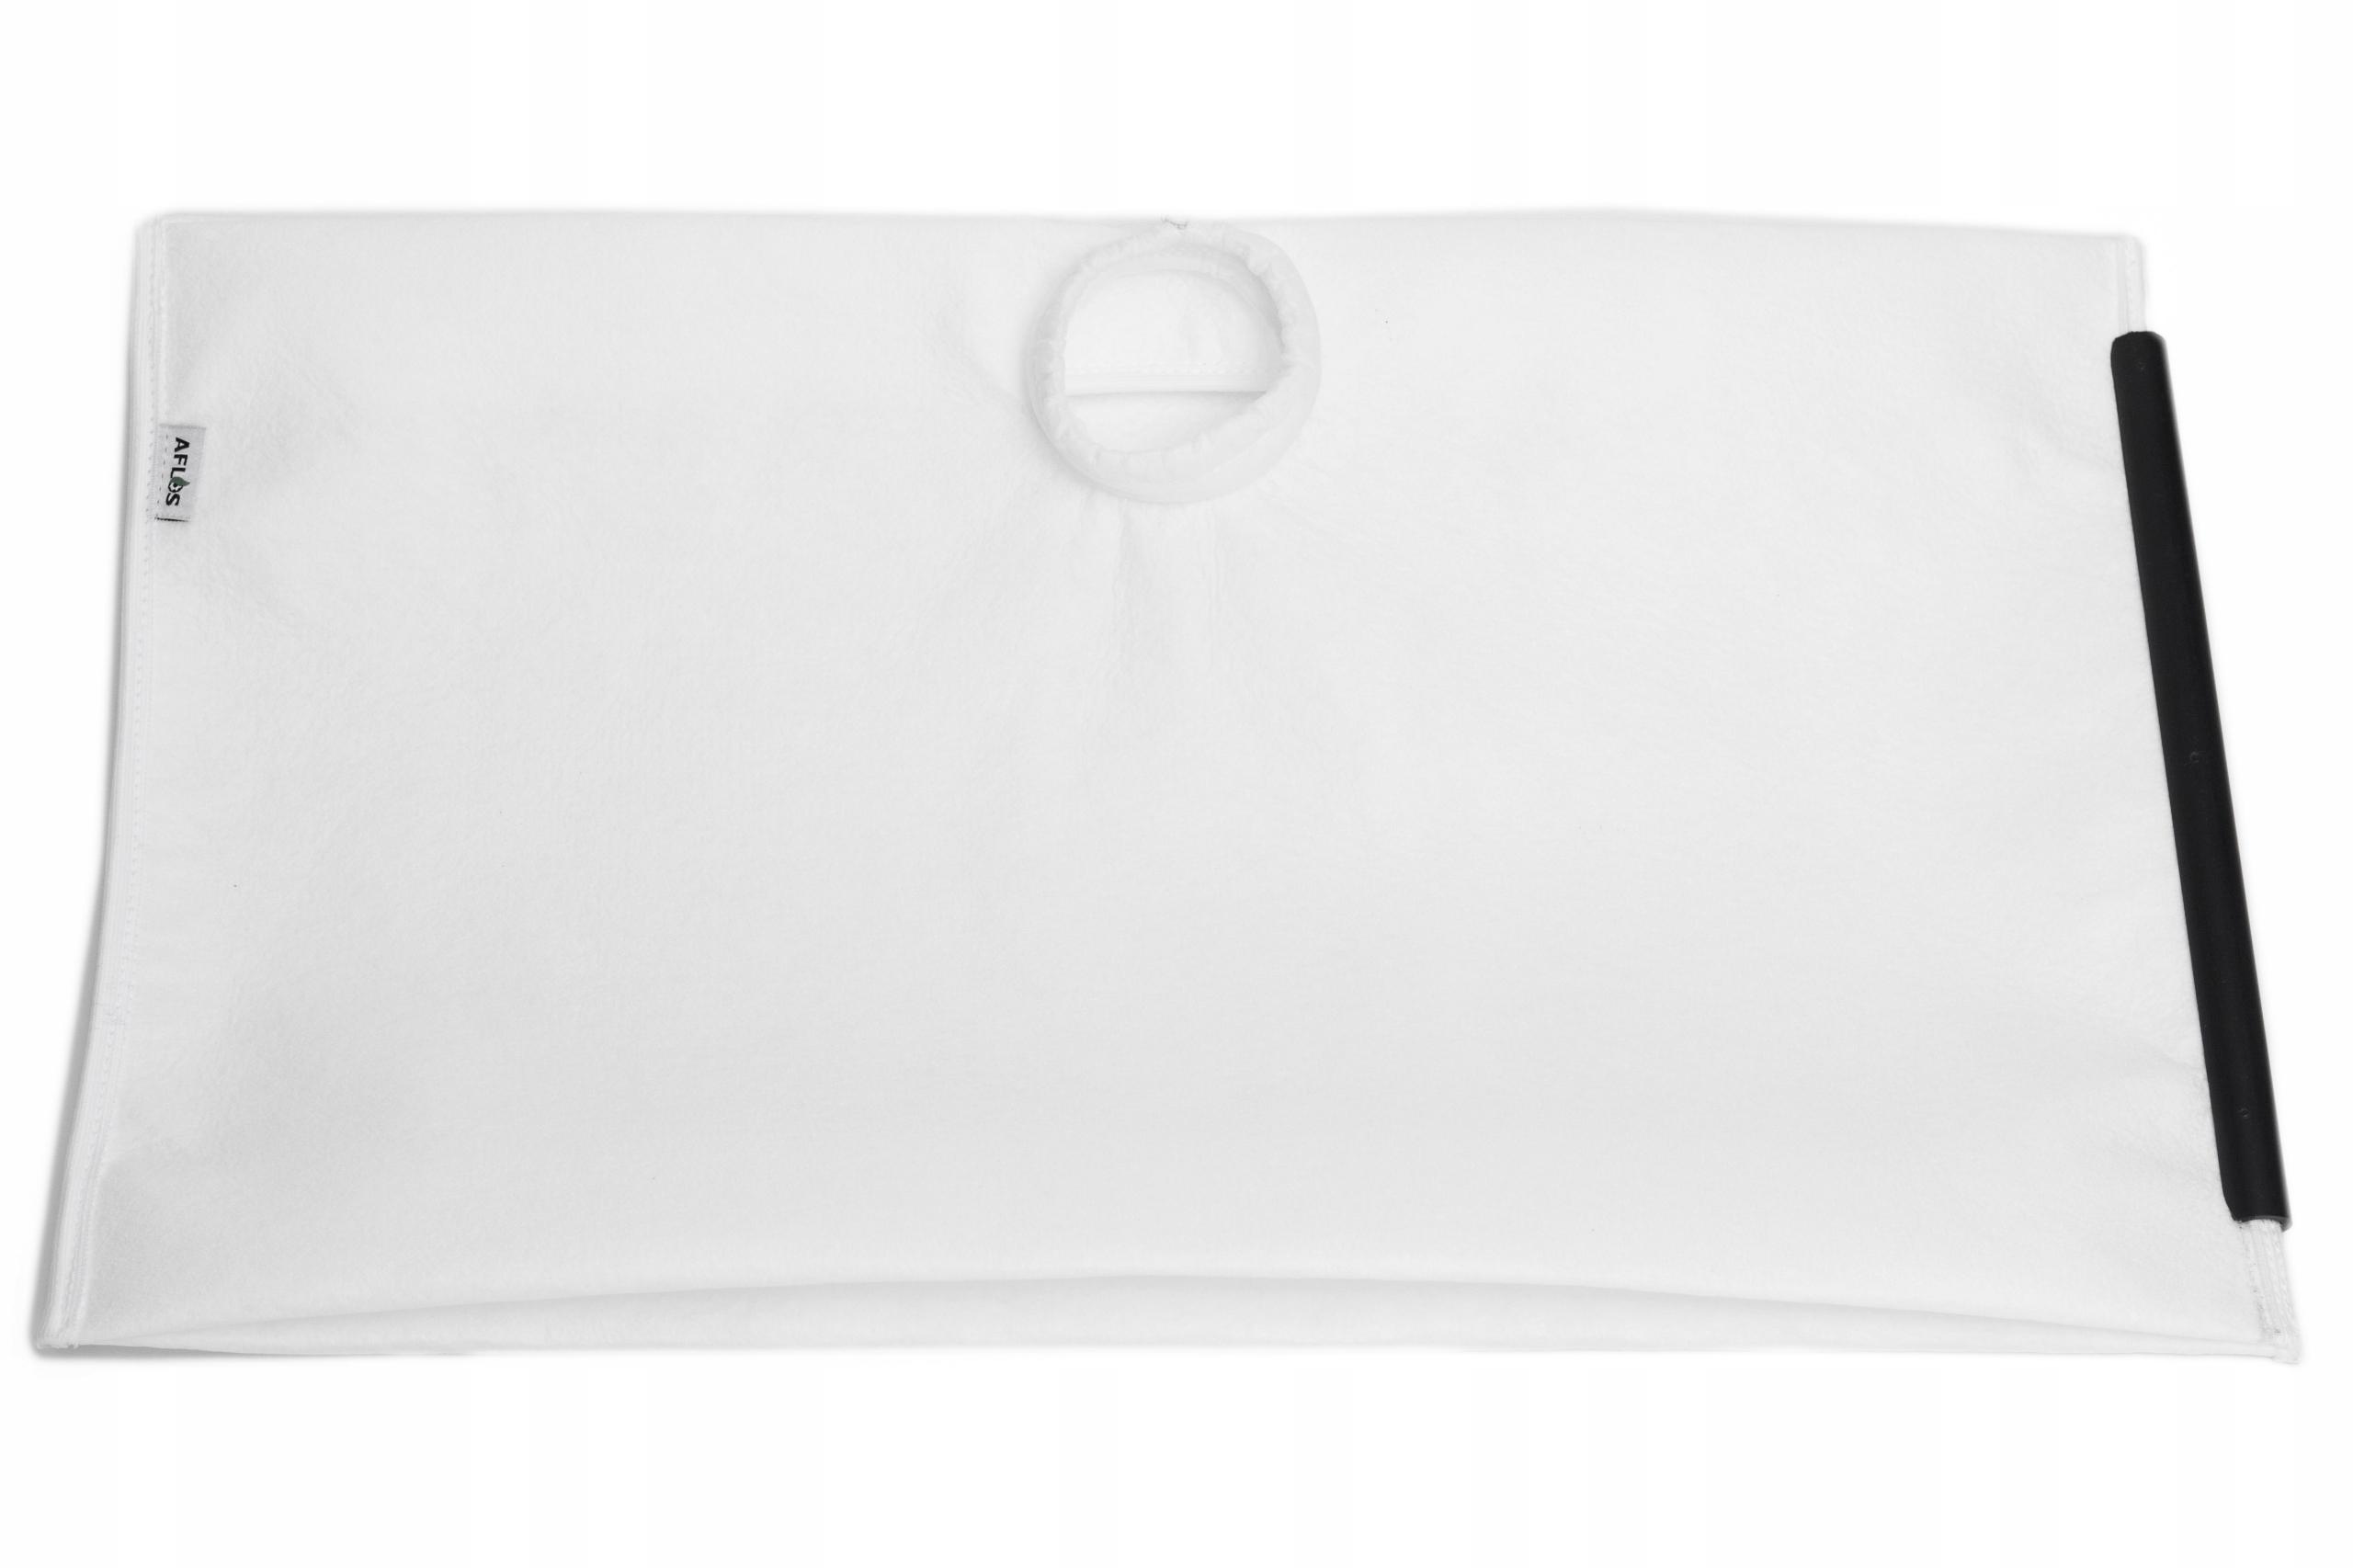 мешок для пылесоса 40L профессиональный пыль, гипс